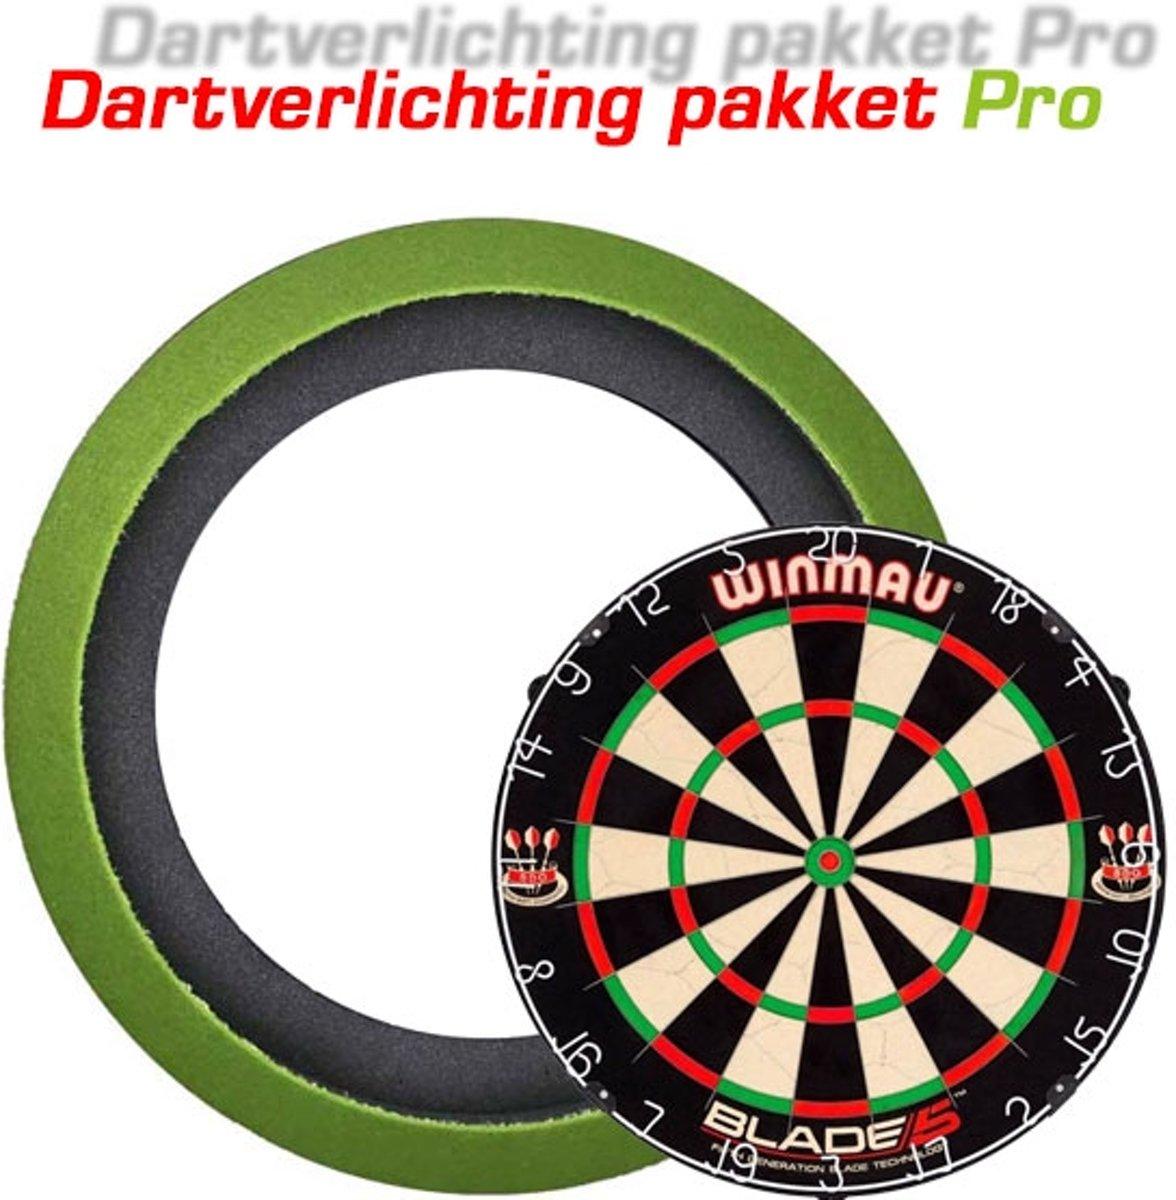 https://www.speelgoedprijs.nl/images//Dartverlichting-pakket-pro-7435150859872.jpg